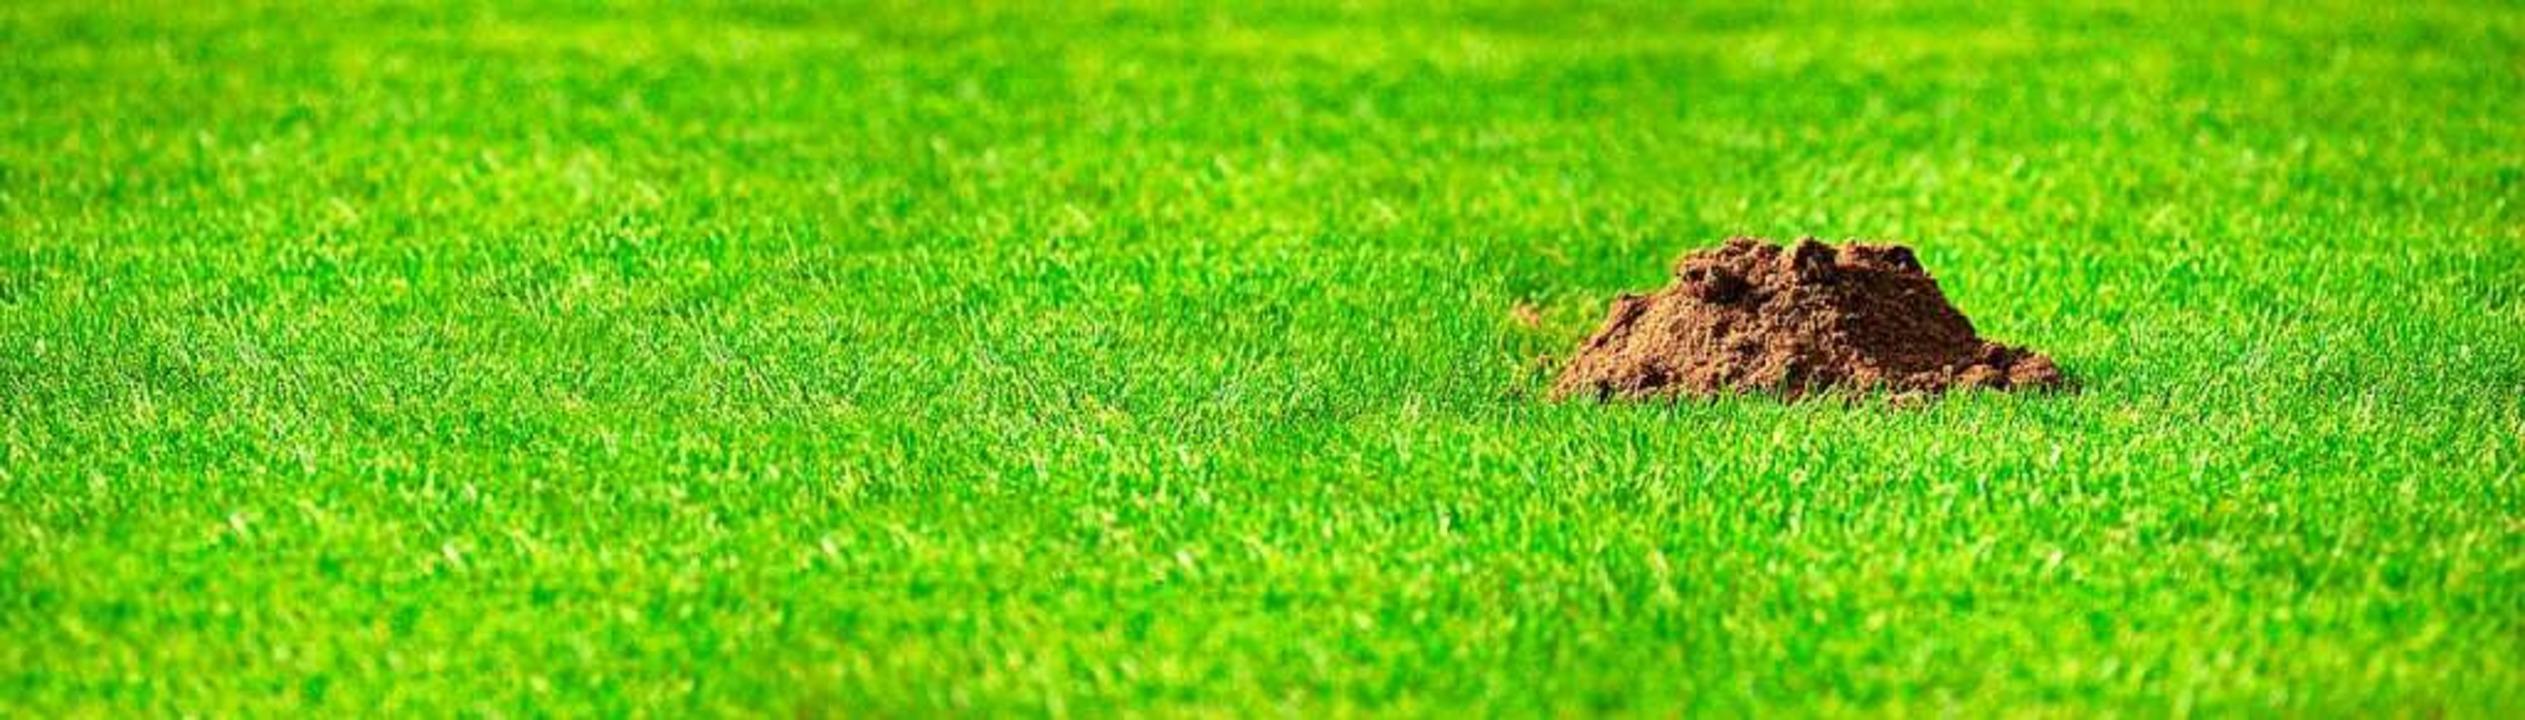 Ein Maulwurfshügel  | Foto: stock.adobe.com